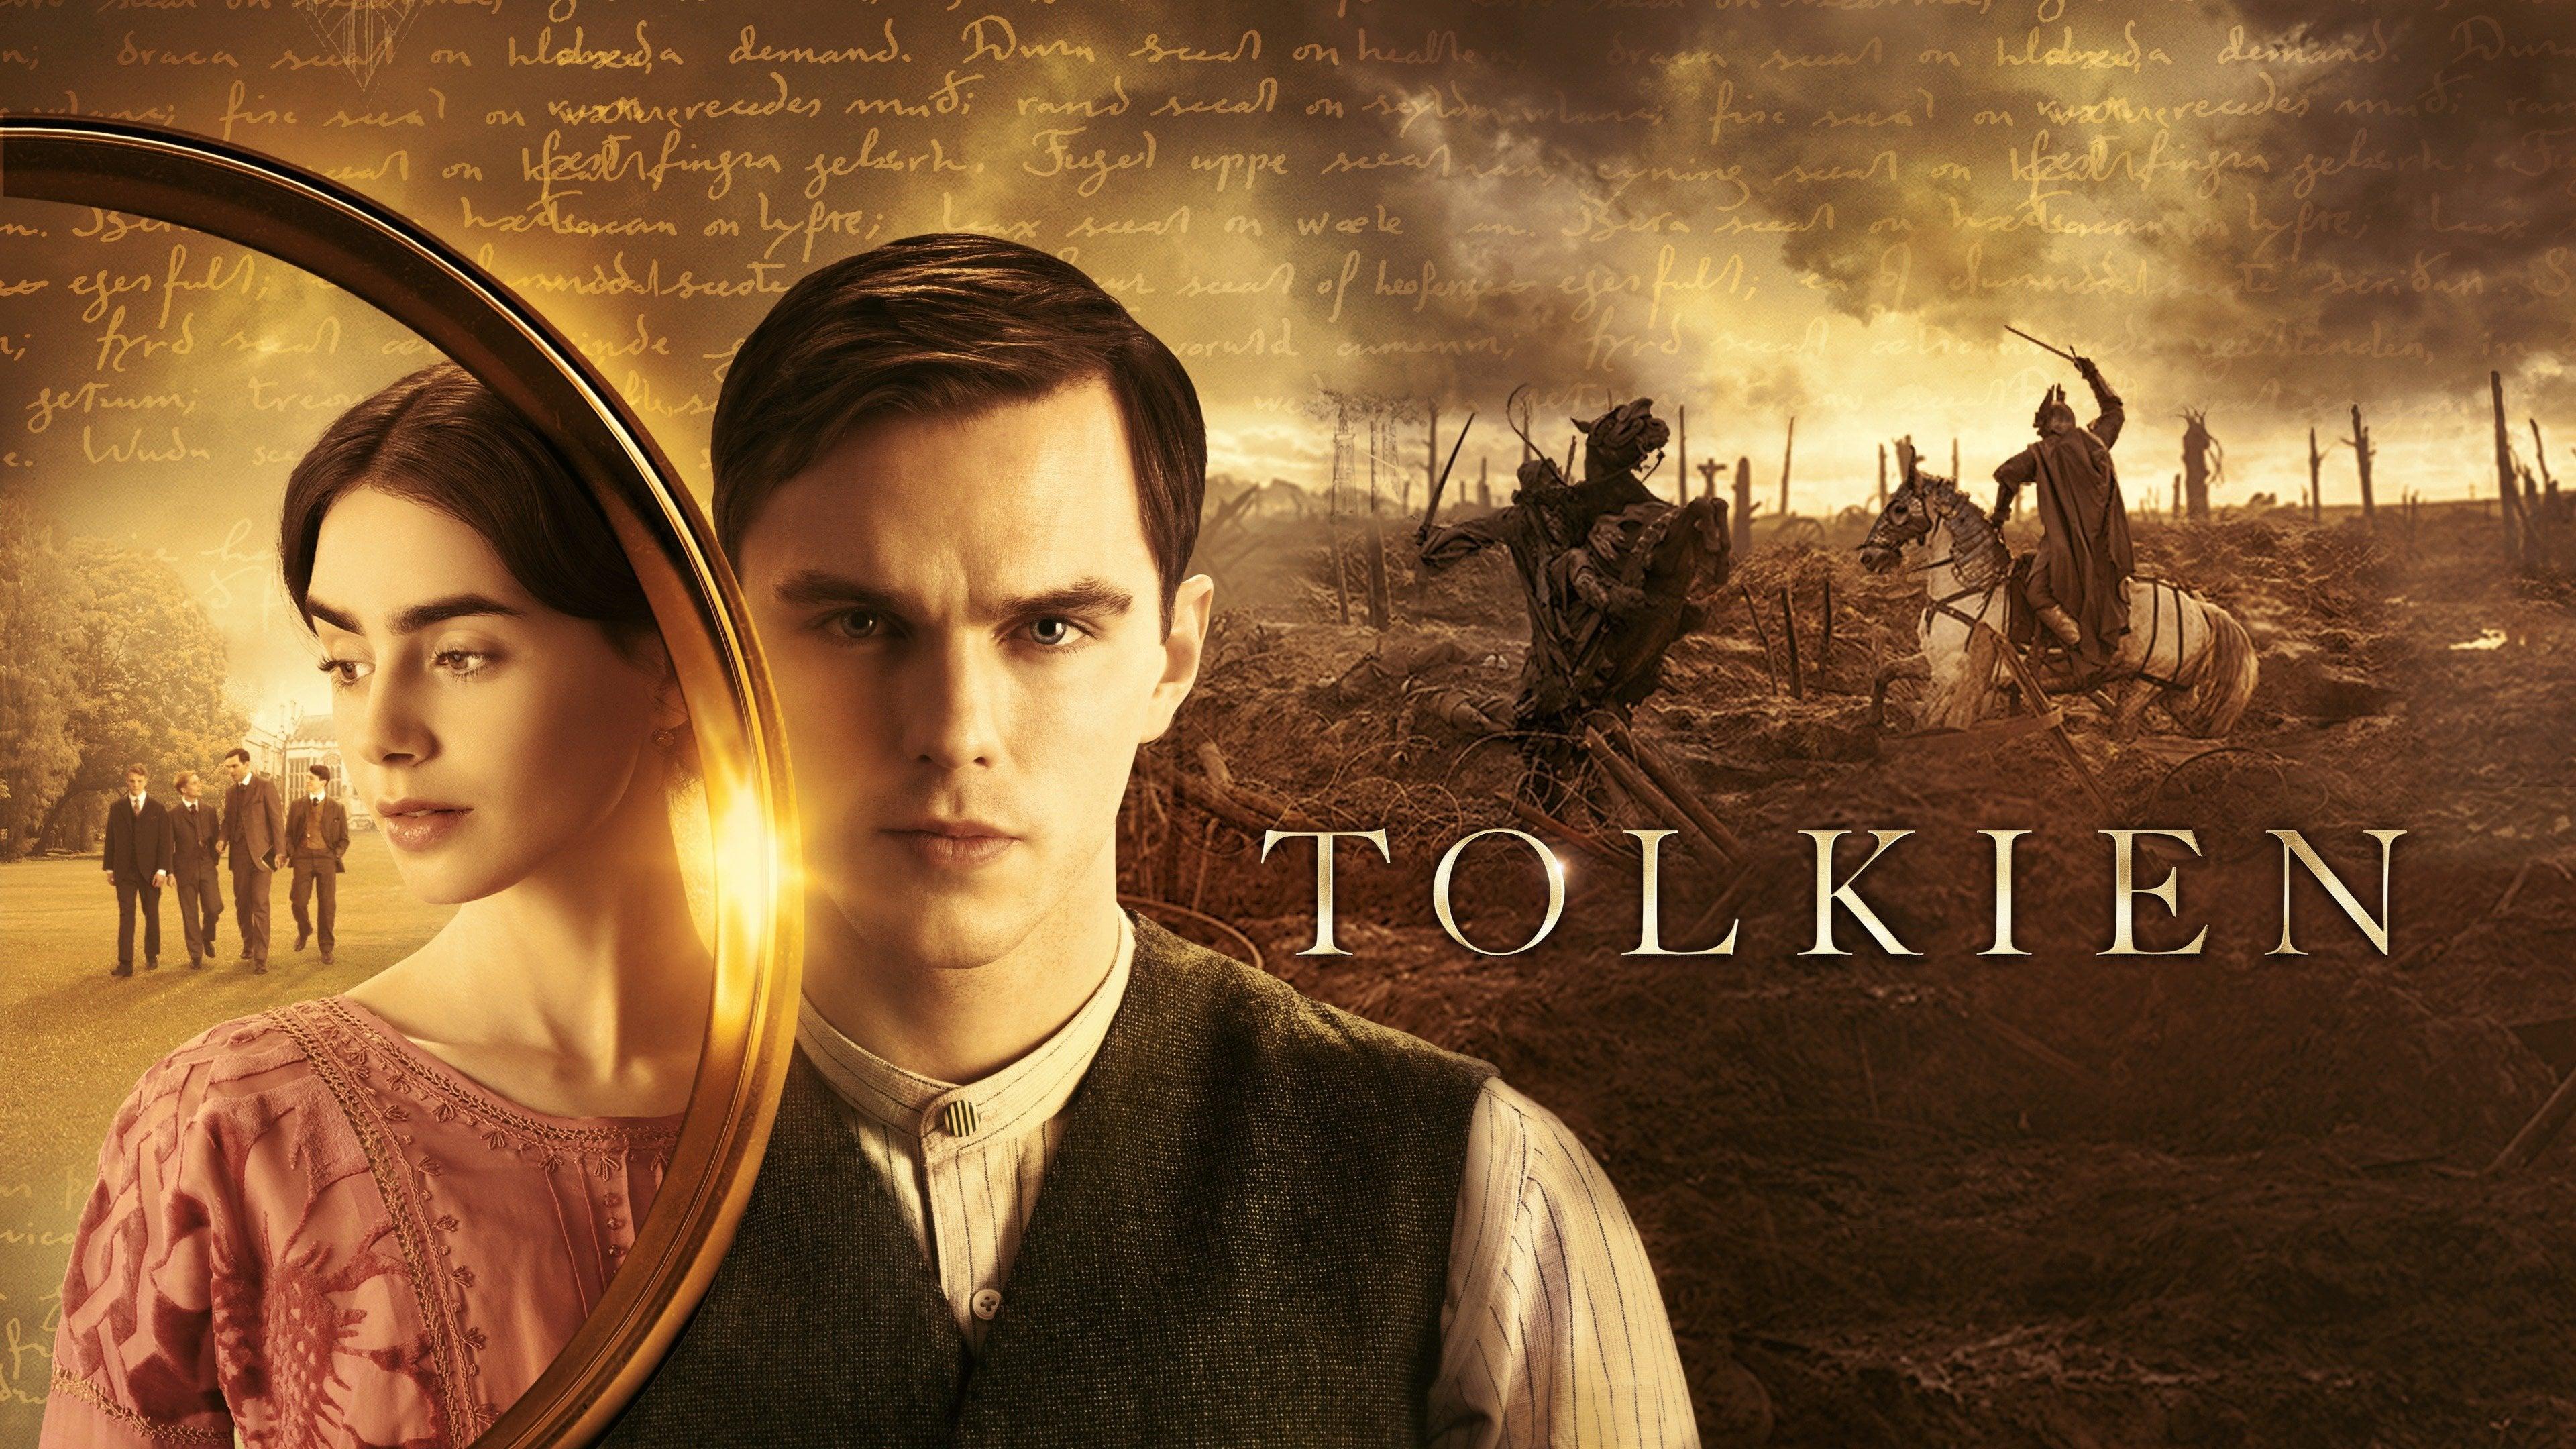 Tolkien Film